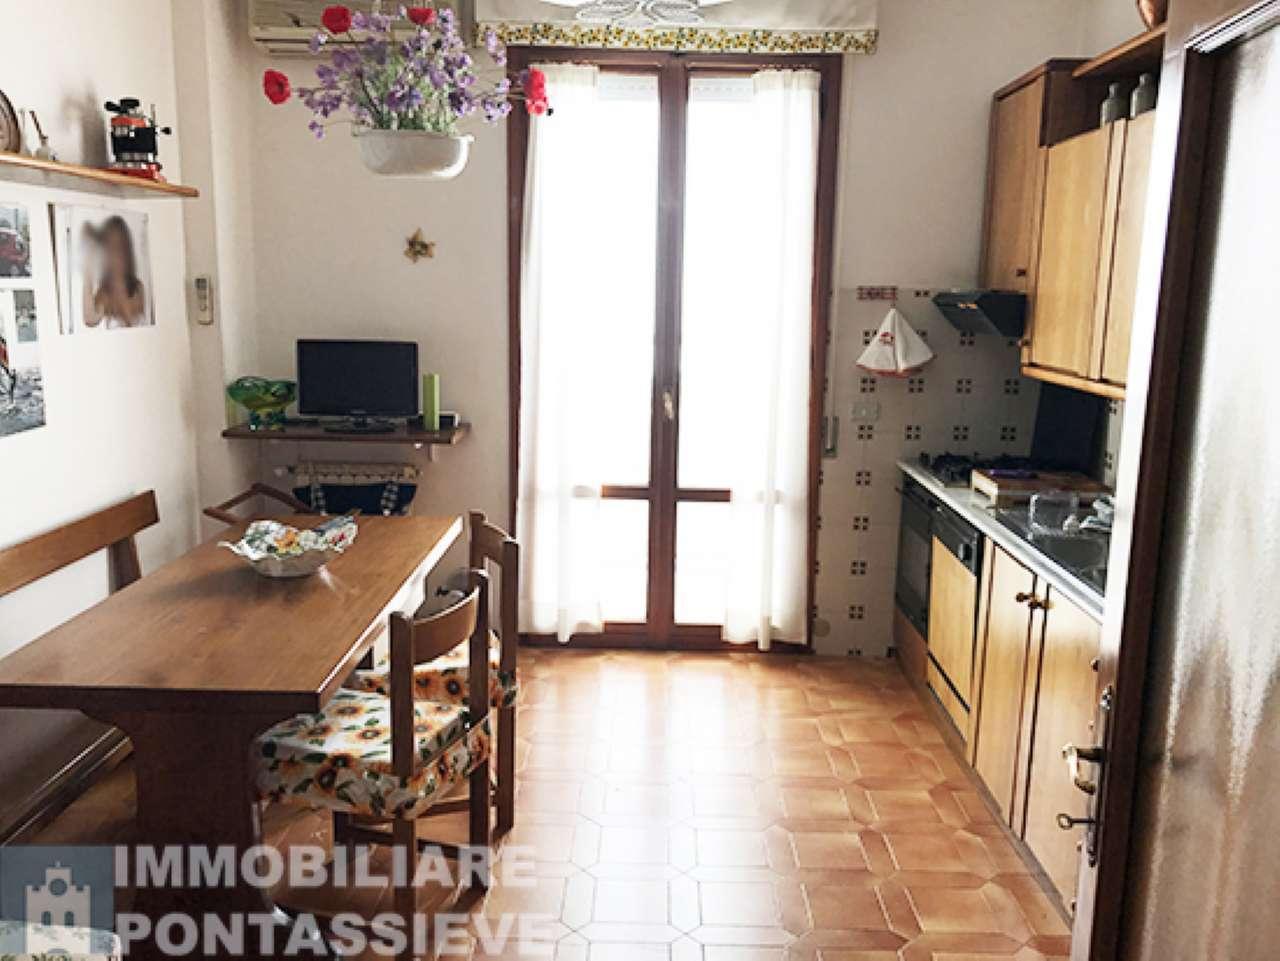 Soluzione Indipendente in vendita a Pontassieve, 4 locali, prezzo € 350.000 | Cambio Casa.it